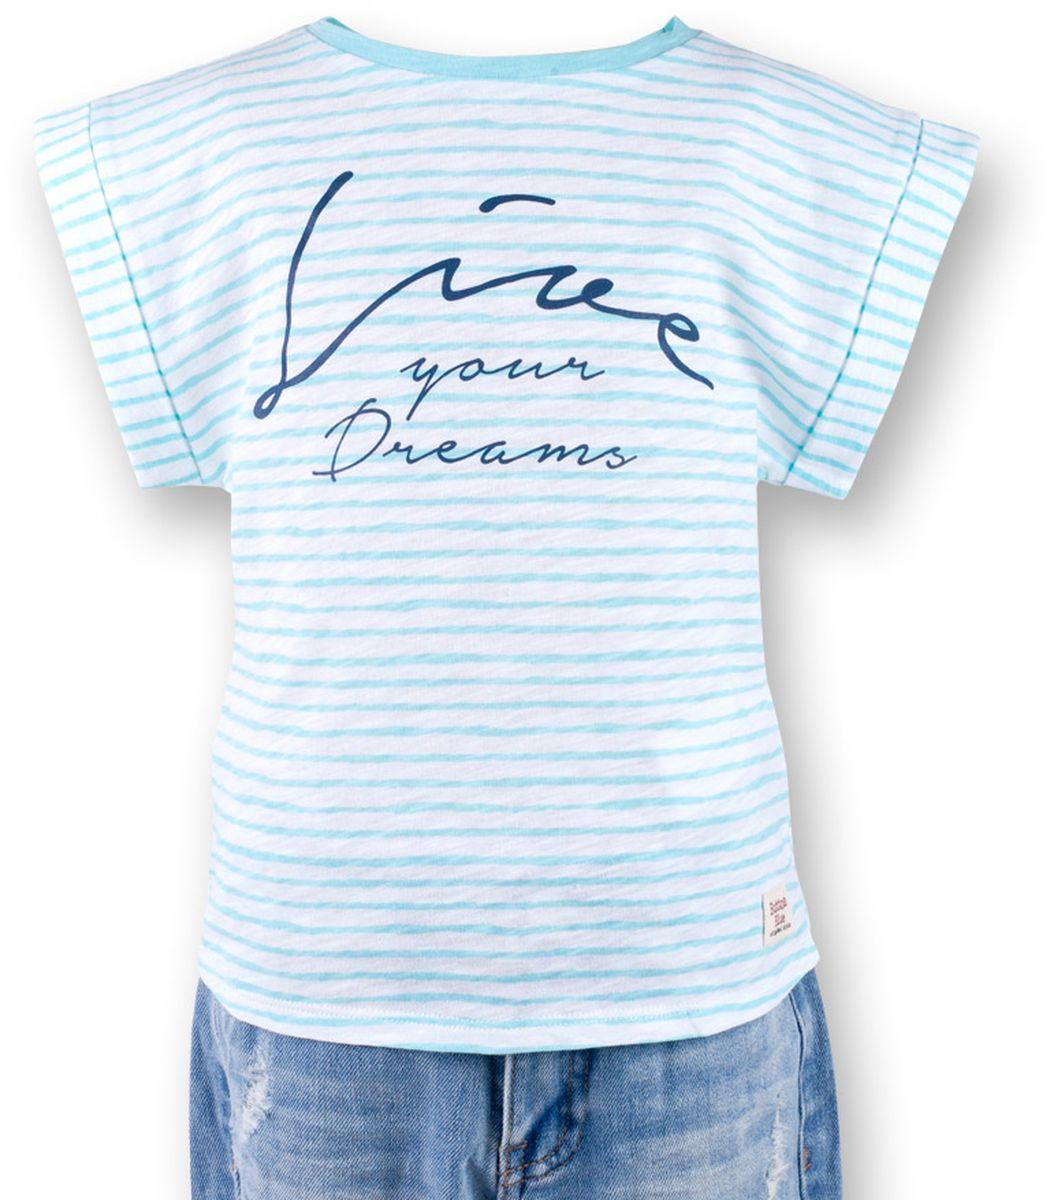 Футболка для девочки Button Blue Main, цвет: ментоловый. 117BBGC12022605. Размер 158, 13 лет117BBGC12022605Полосатая футболка - не только базовая вещь в гардеробе ребенка, но и залог хорошего летнего настроения. Если вы решили купить футболку для девочки, выберете модель футболки в полоску с оригинальным принтом, и ваш ребенок будет доволен.